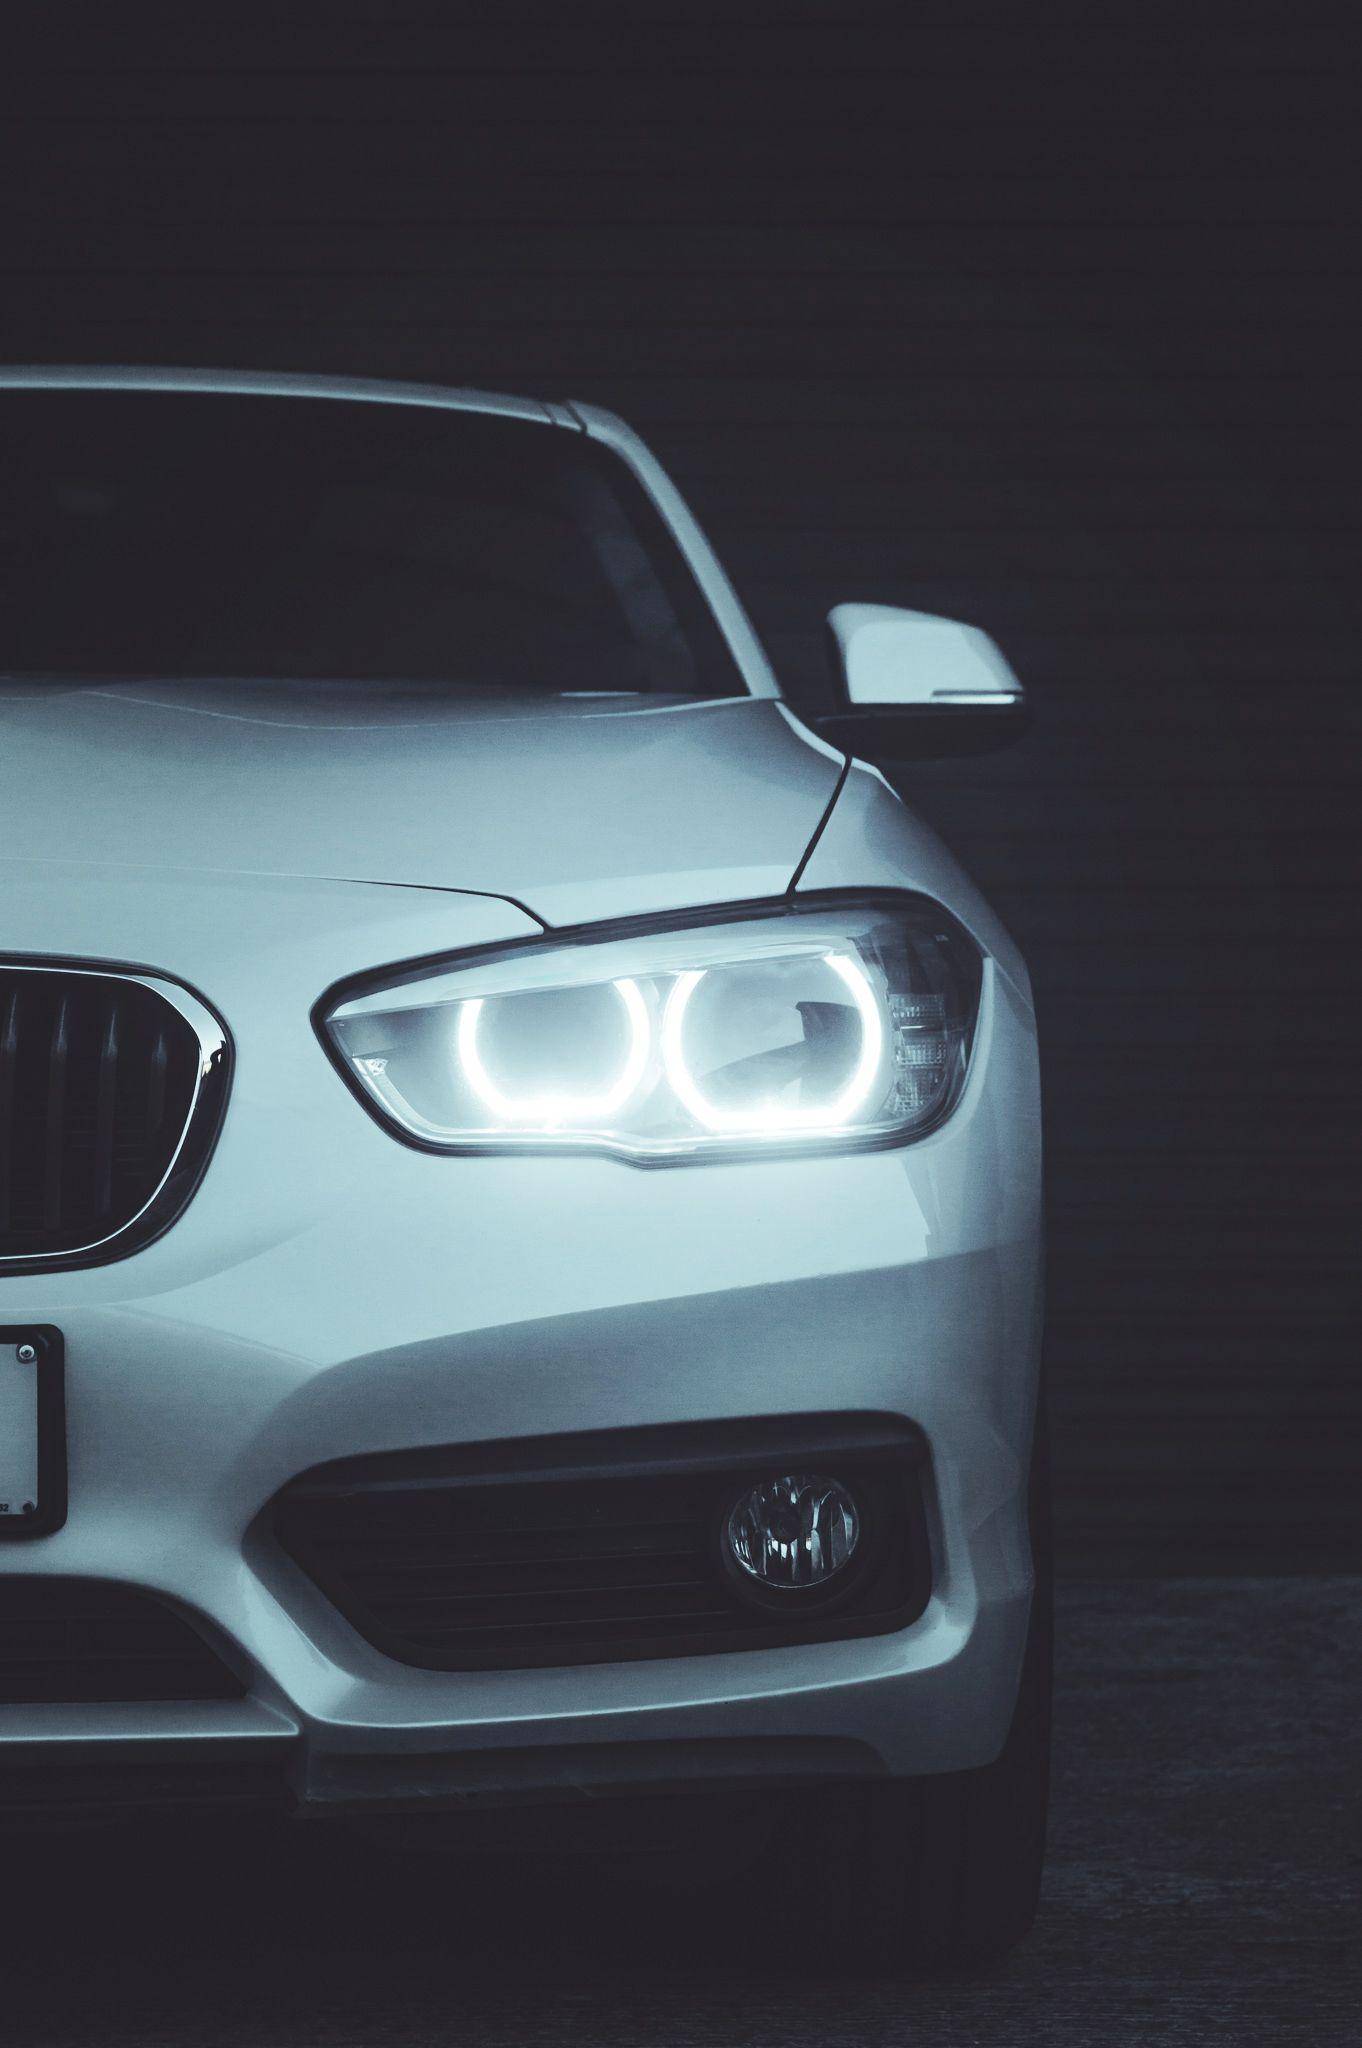 Bmw 118i F20 Headlights Bmw Headlights Detail Art